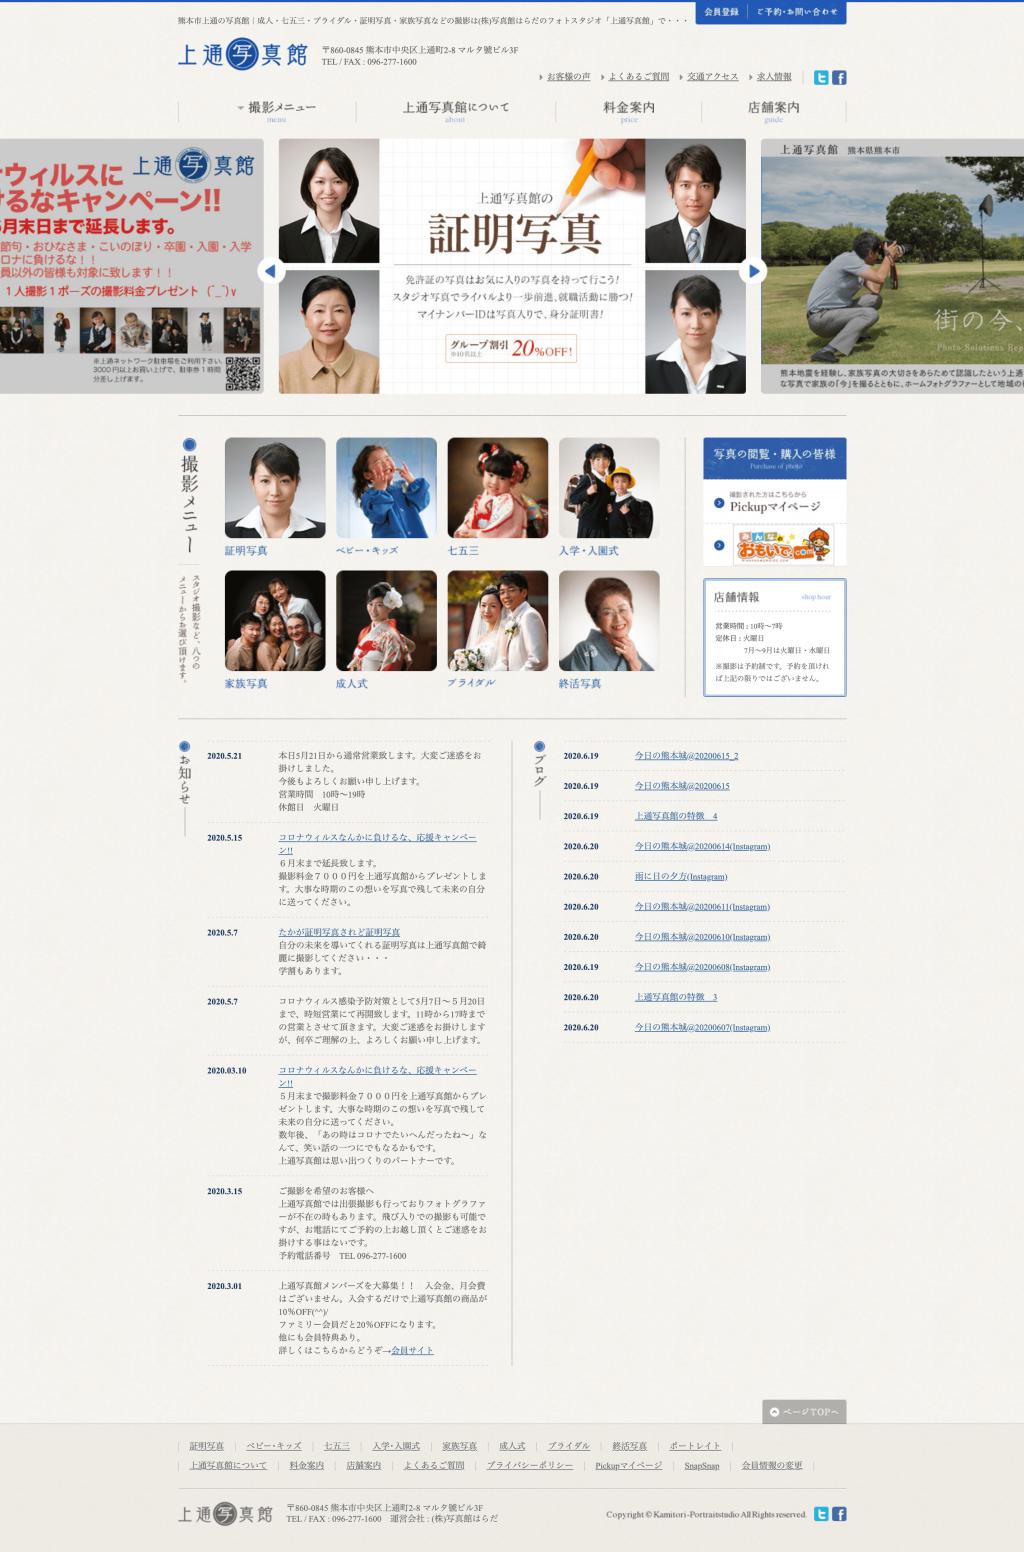 上通写真館サイトのパソコン表示